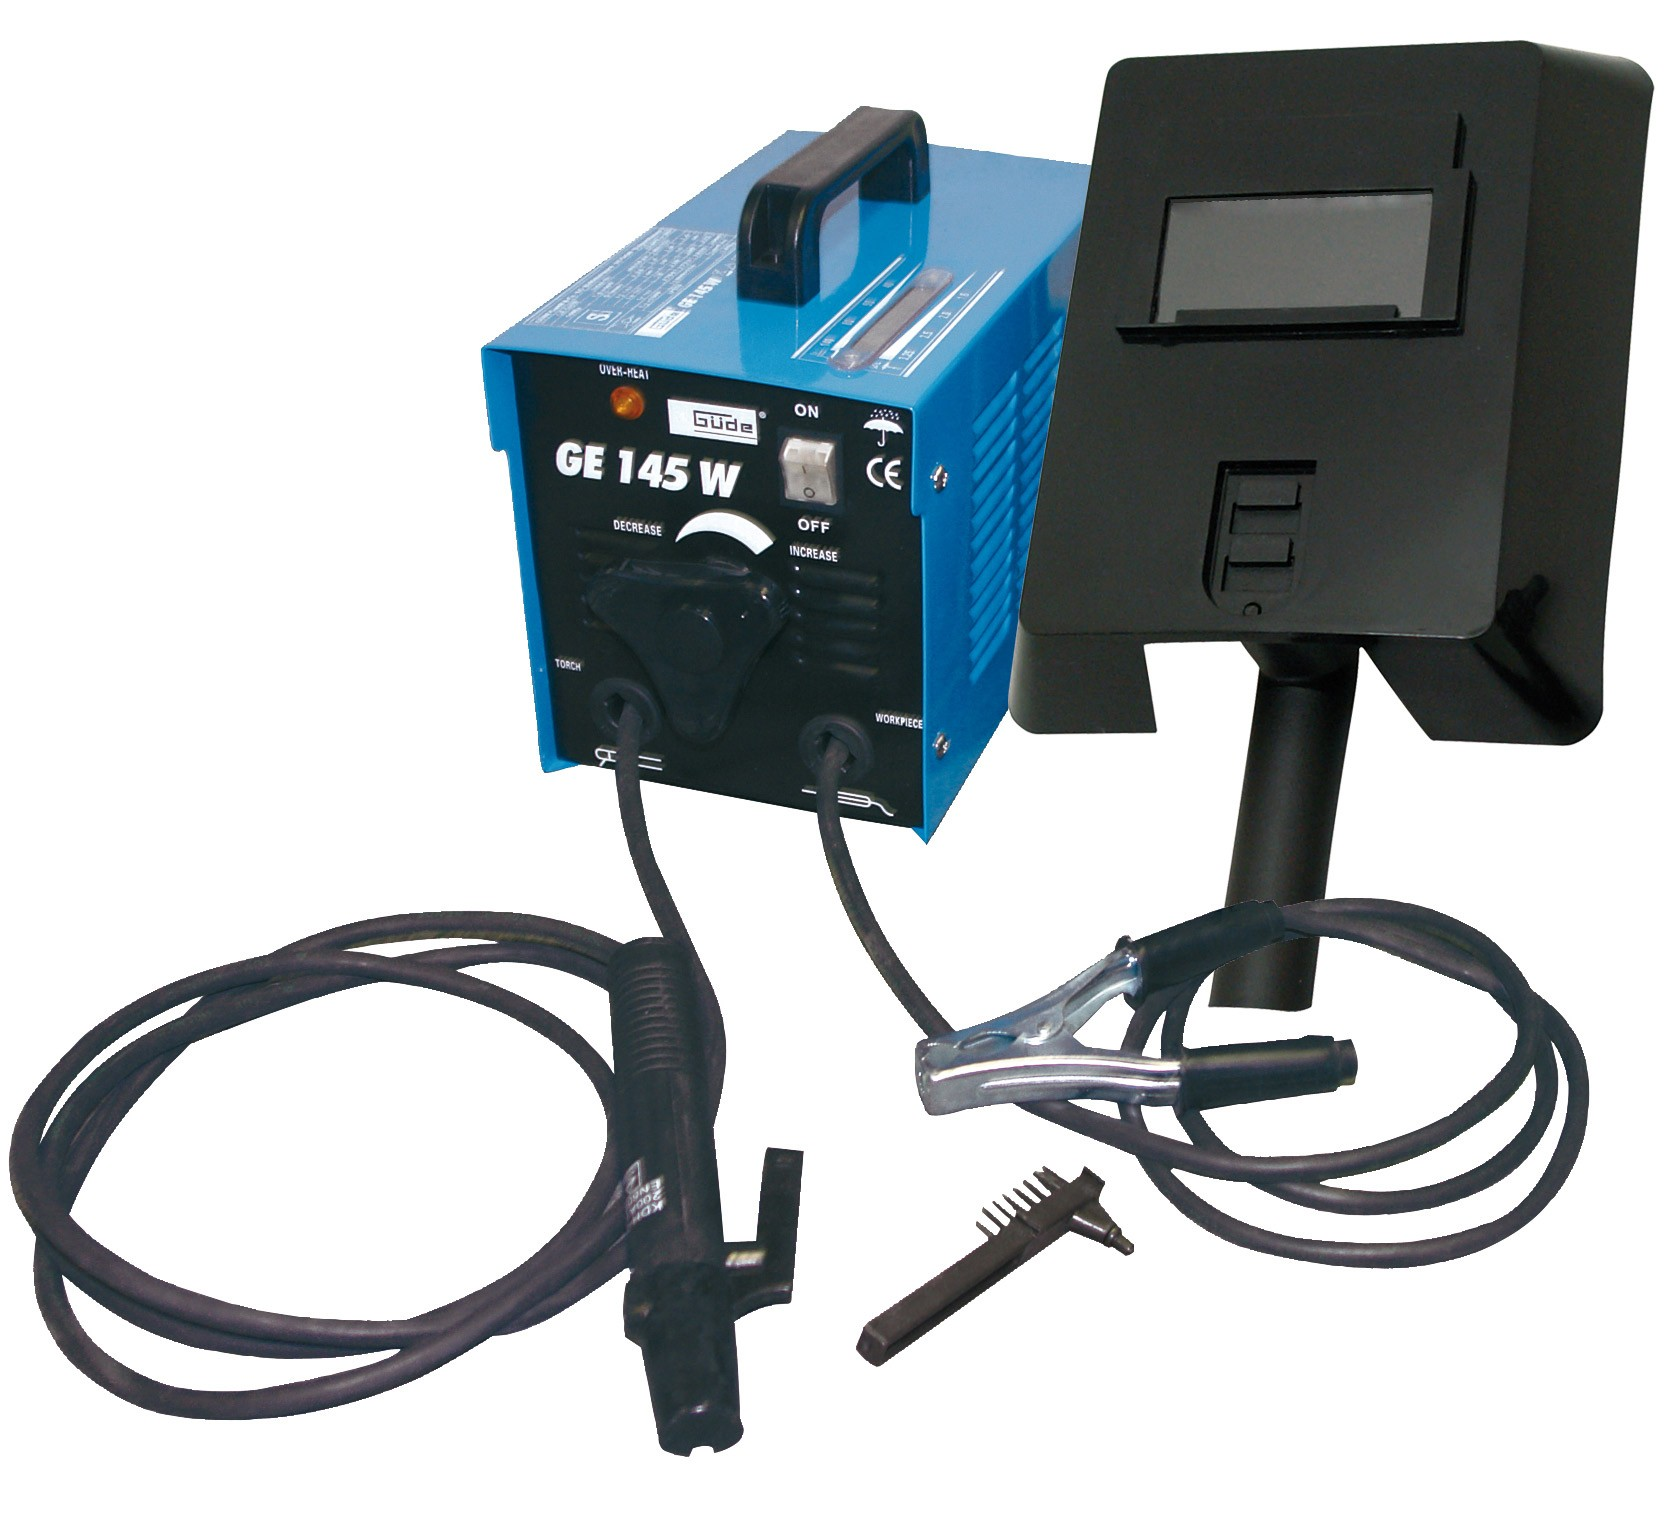 Elektroden-Schweissgerät GE 145 W Güde Bild 1